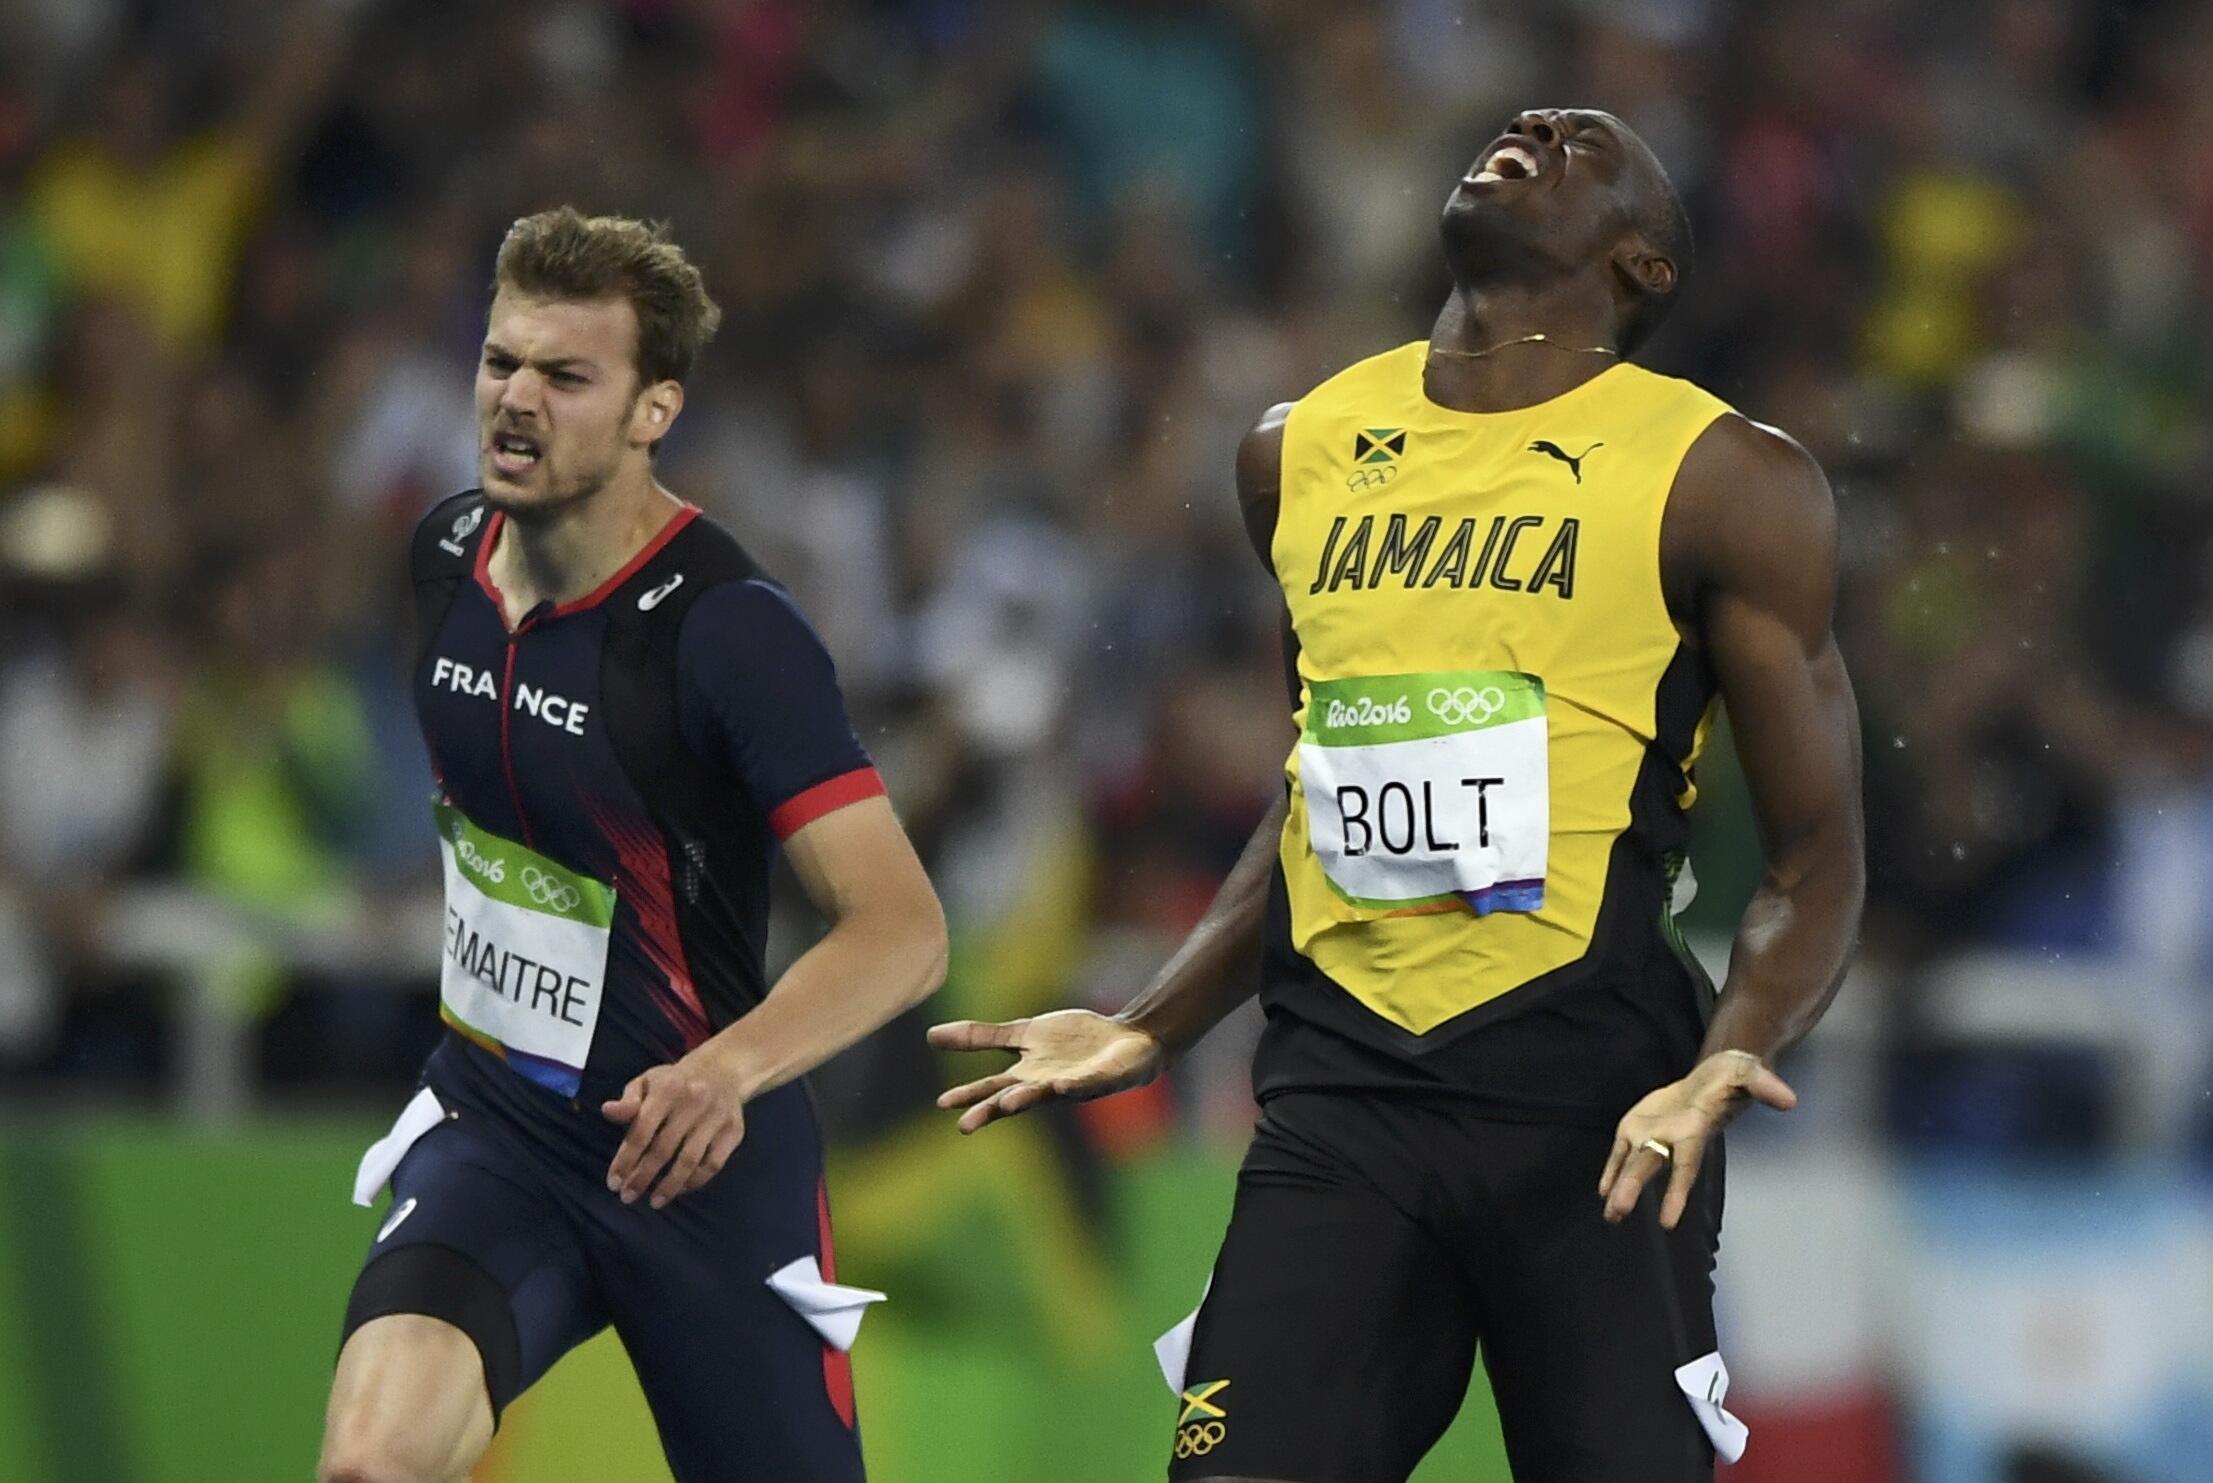 Le Français Christophe Lemaitre et le Jamaïcain Usain Bolt à l'issue de la finale du 200 mètres, aux JO 2016.